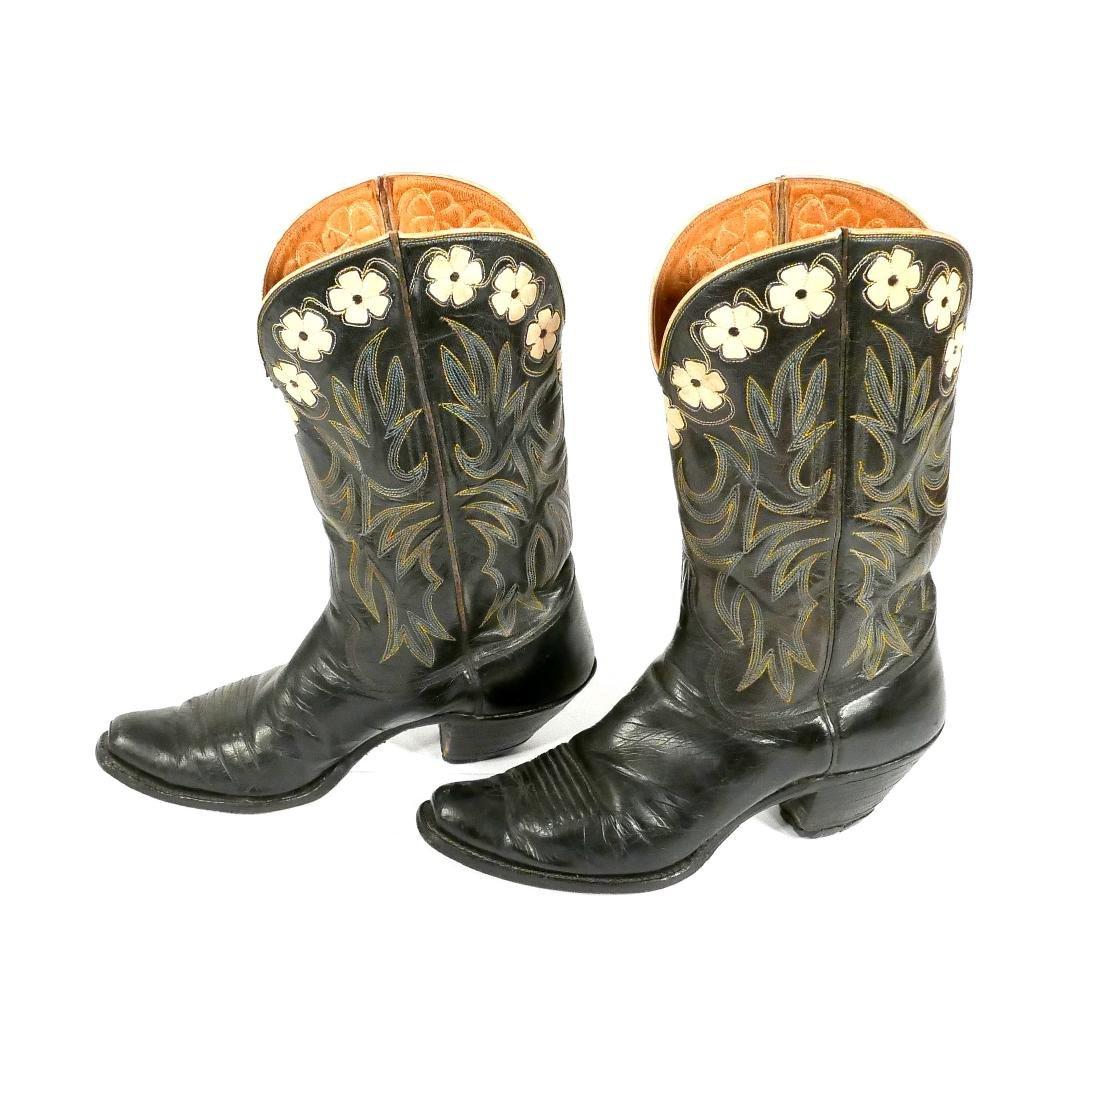 38edea0d0d6 C.H. Hyer Benchmade Cowboy Boots